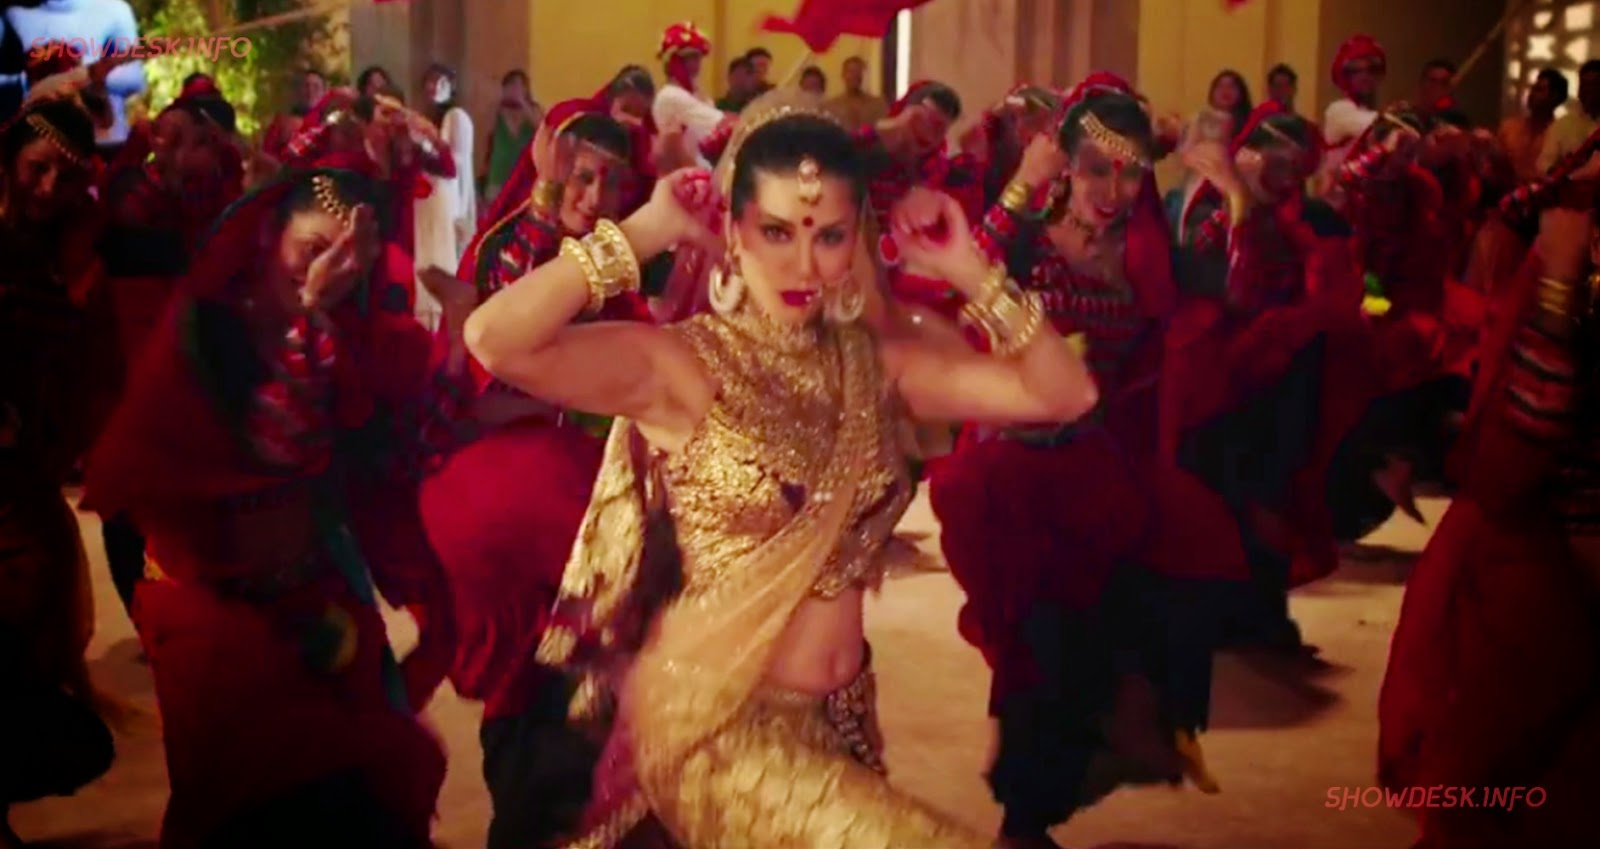 Superstar – Ek Paheli Leela Song Download. Saiyyan Superstar – Ek ...